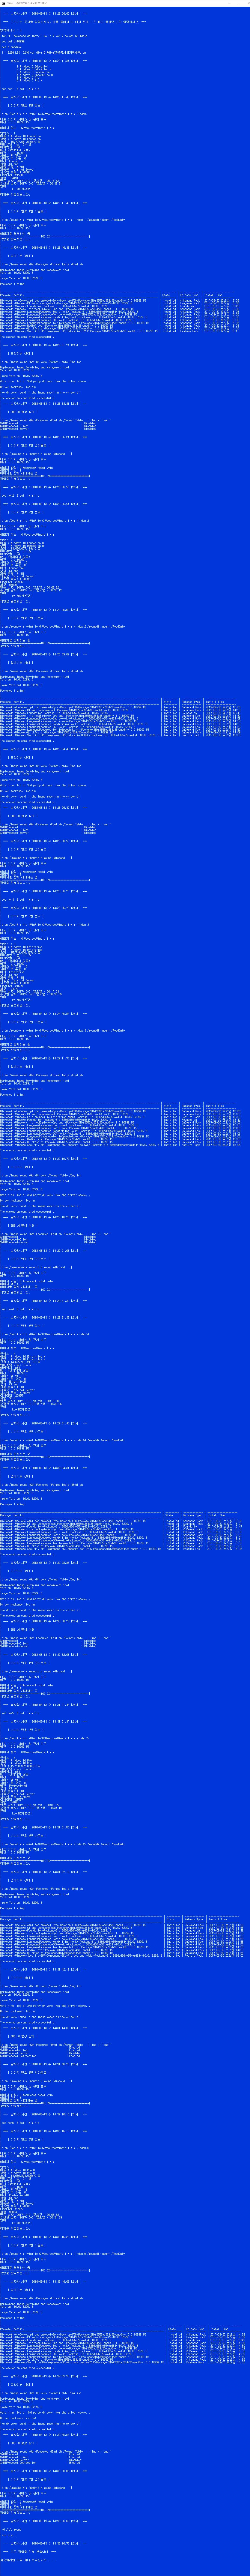 윈도10 버전1709 RS3 레드스톤3 볼륨은 smb1 다양하네요-에듀케이션과 엔터프라이즈 비활성 - 프로만 활성 2018-06-13_143513.png